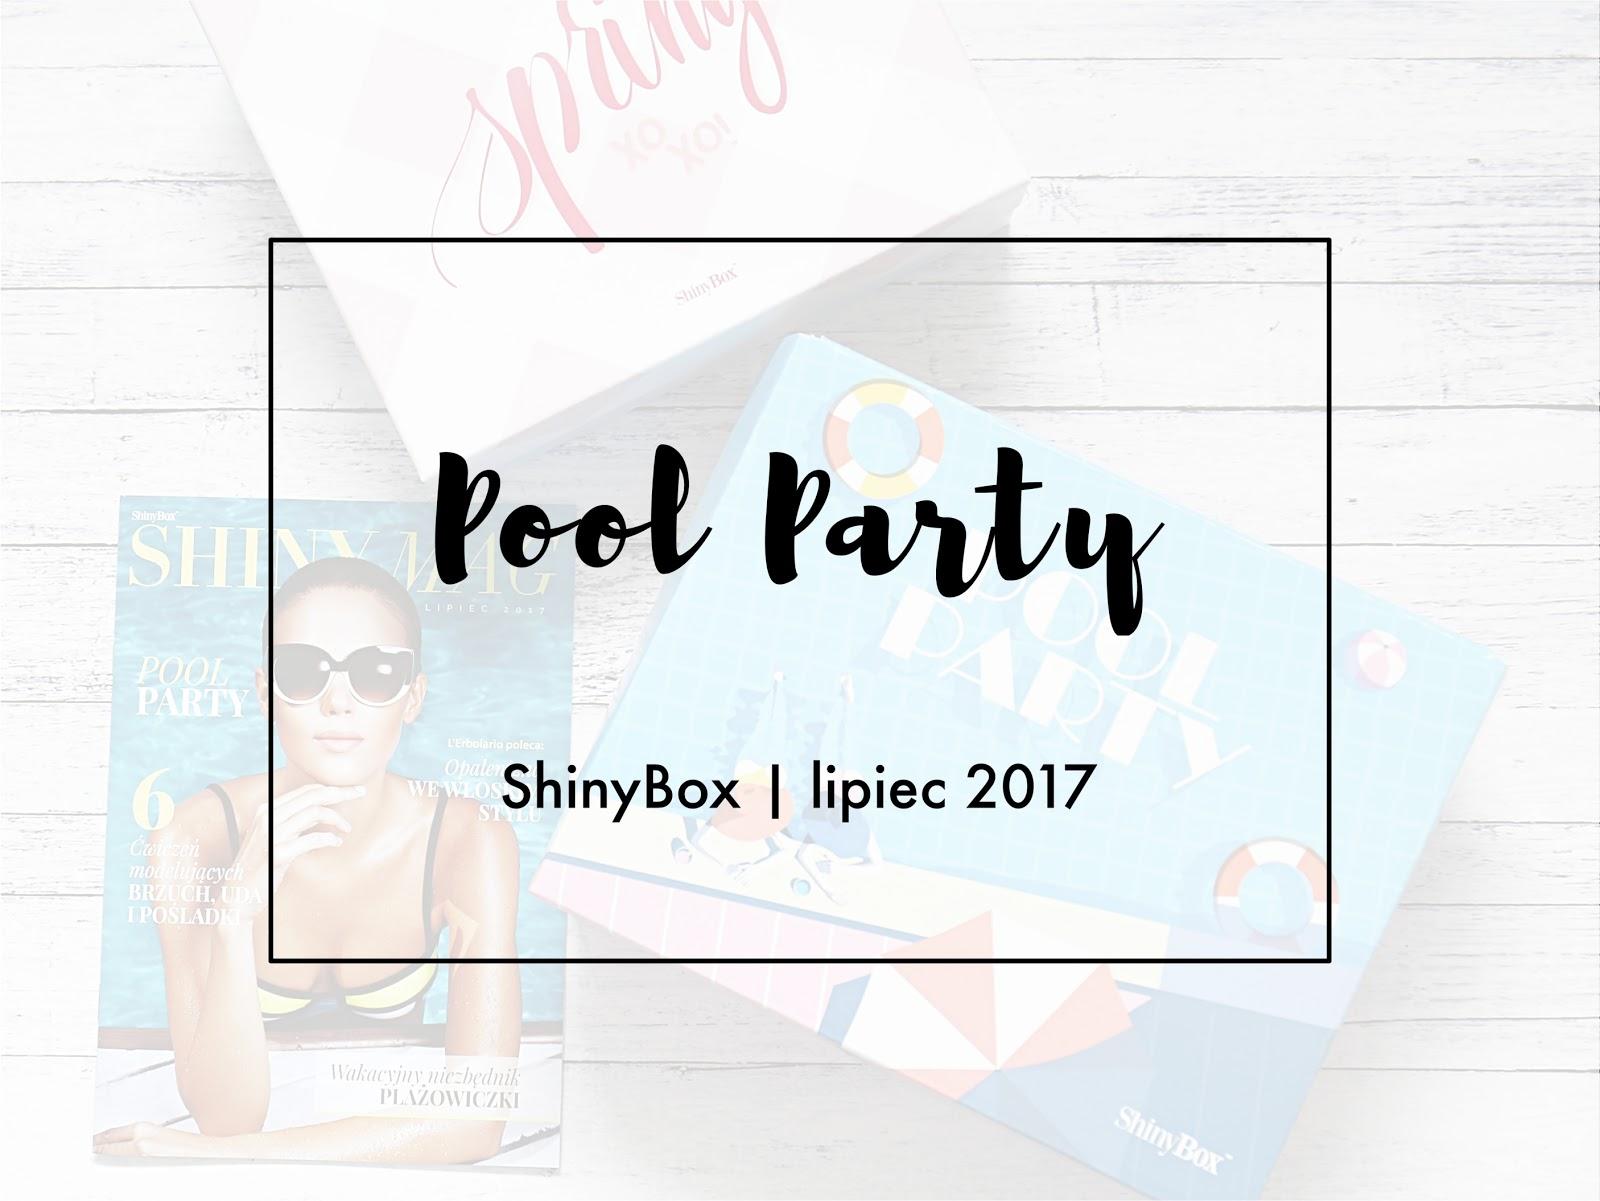 Shinybox Pool Party